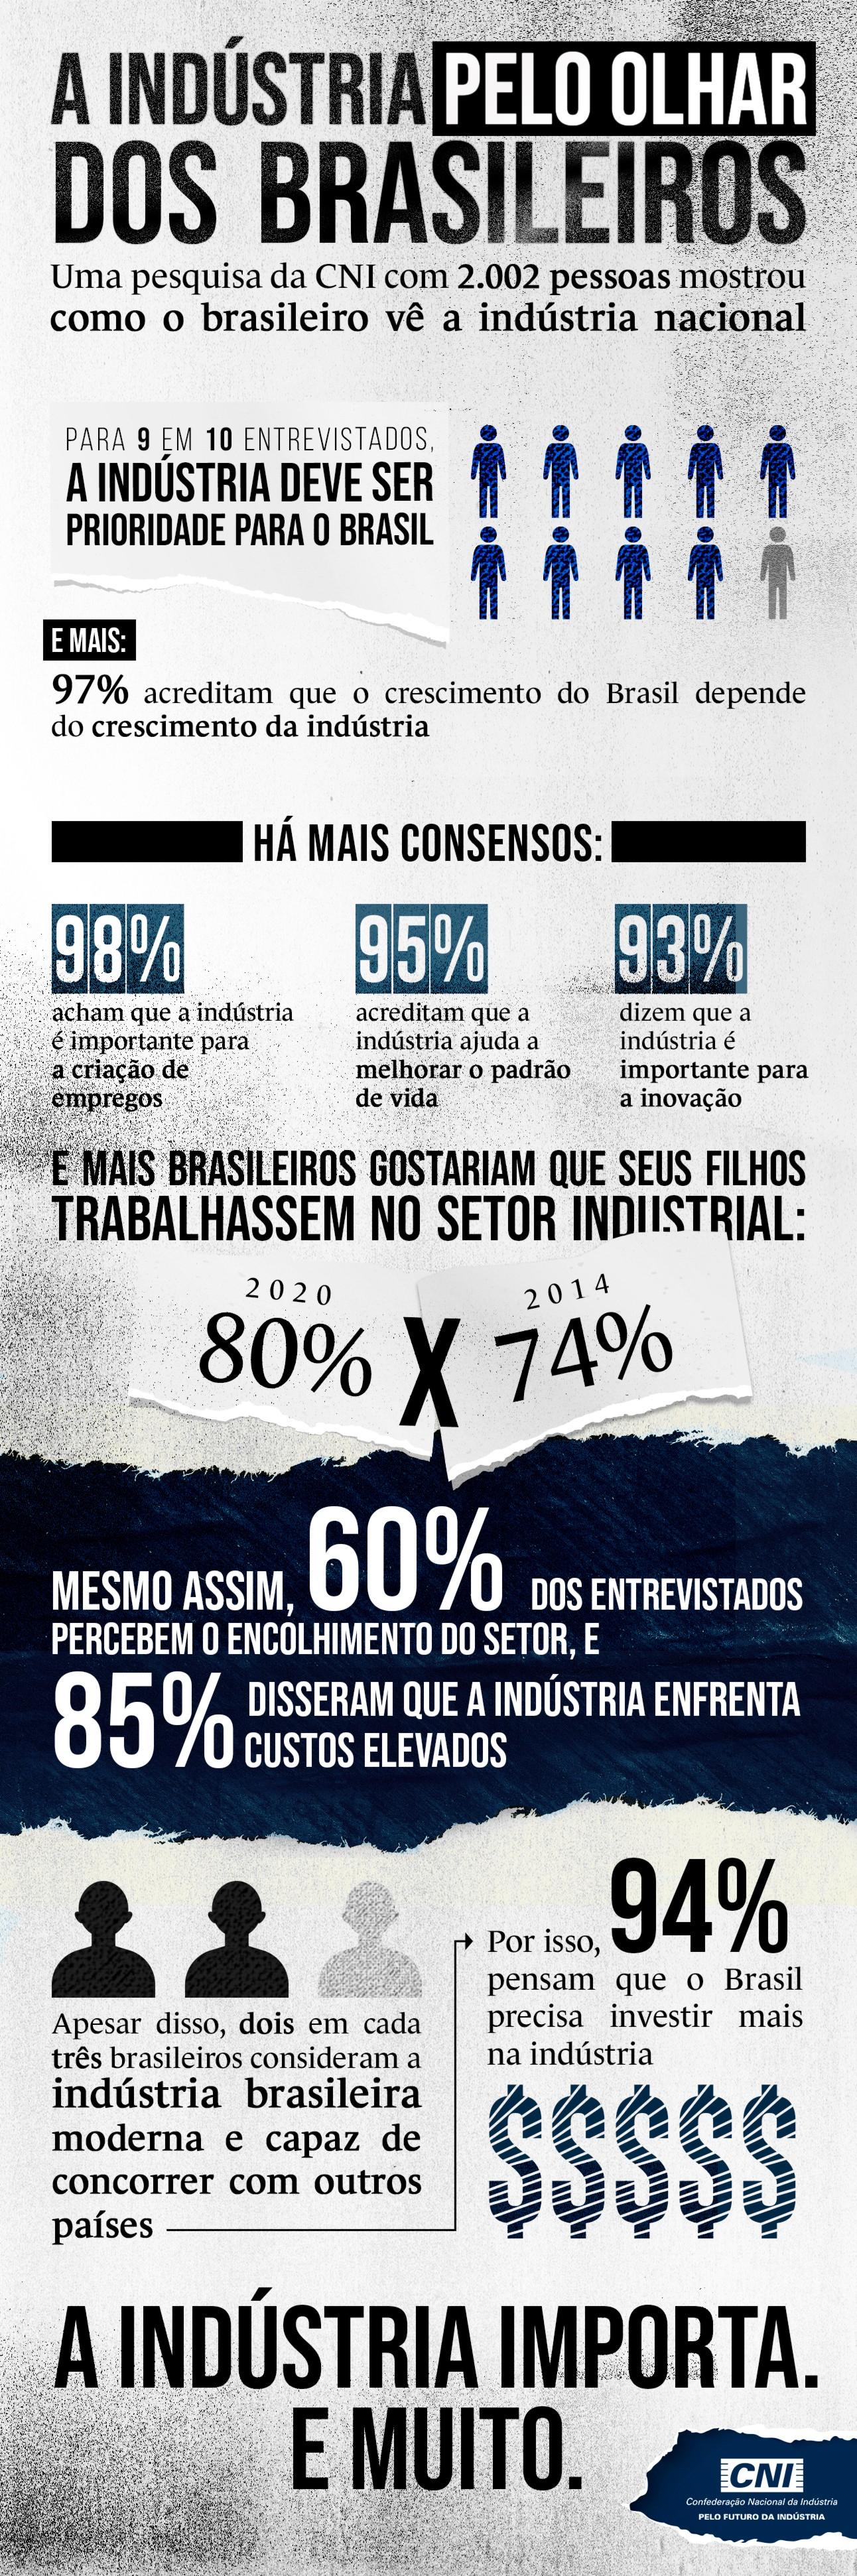 infografia traz destaques da pesquisa que mostra como o brasileiro percebe a indústria nacional